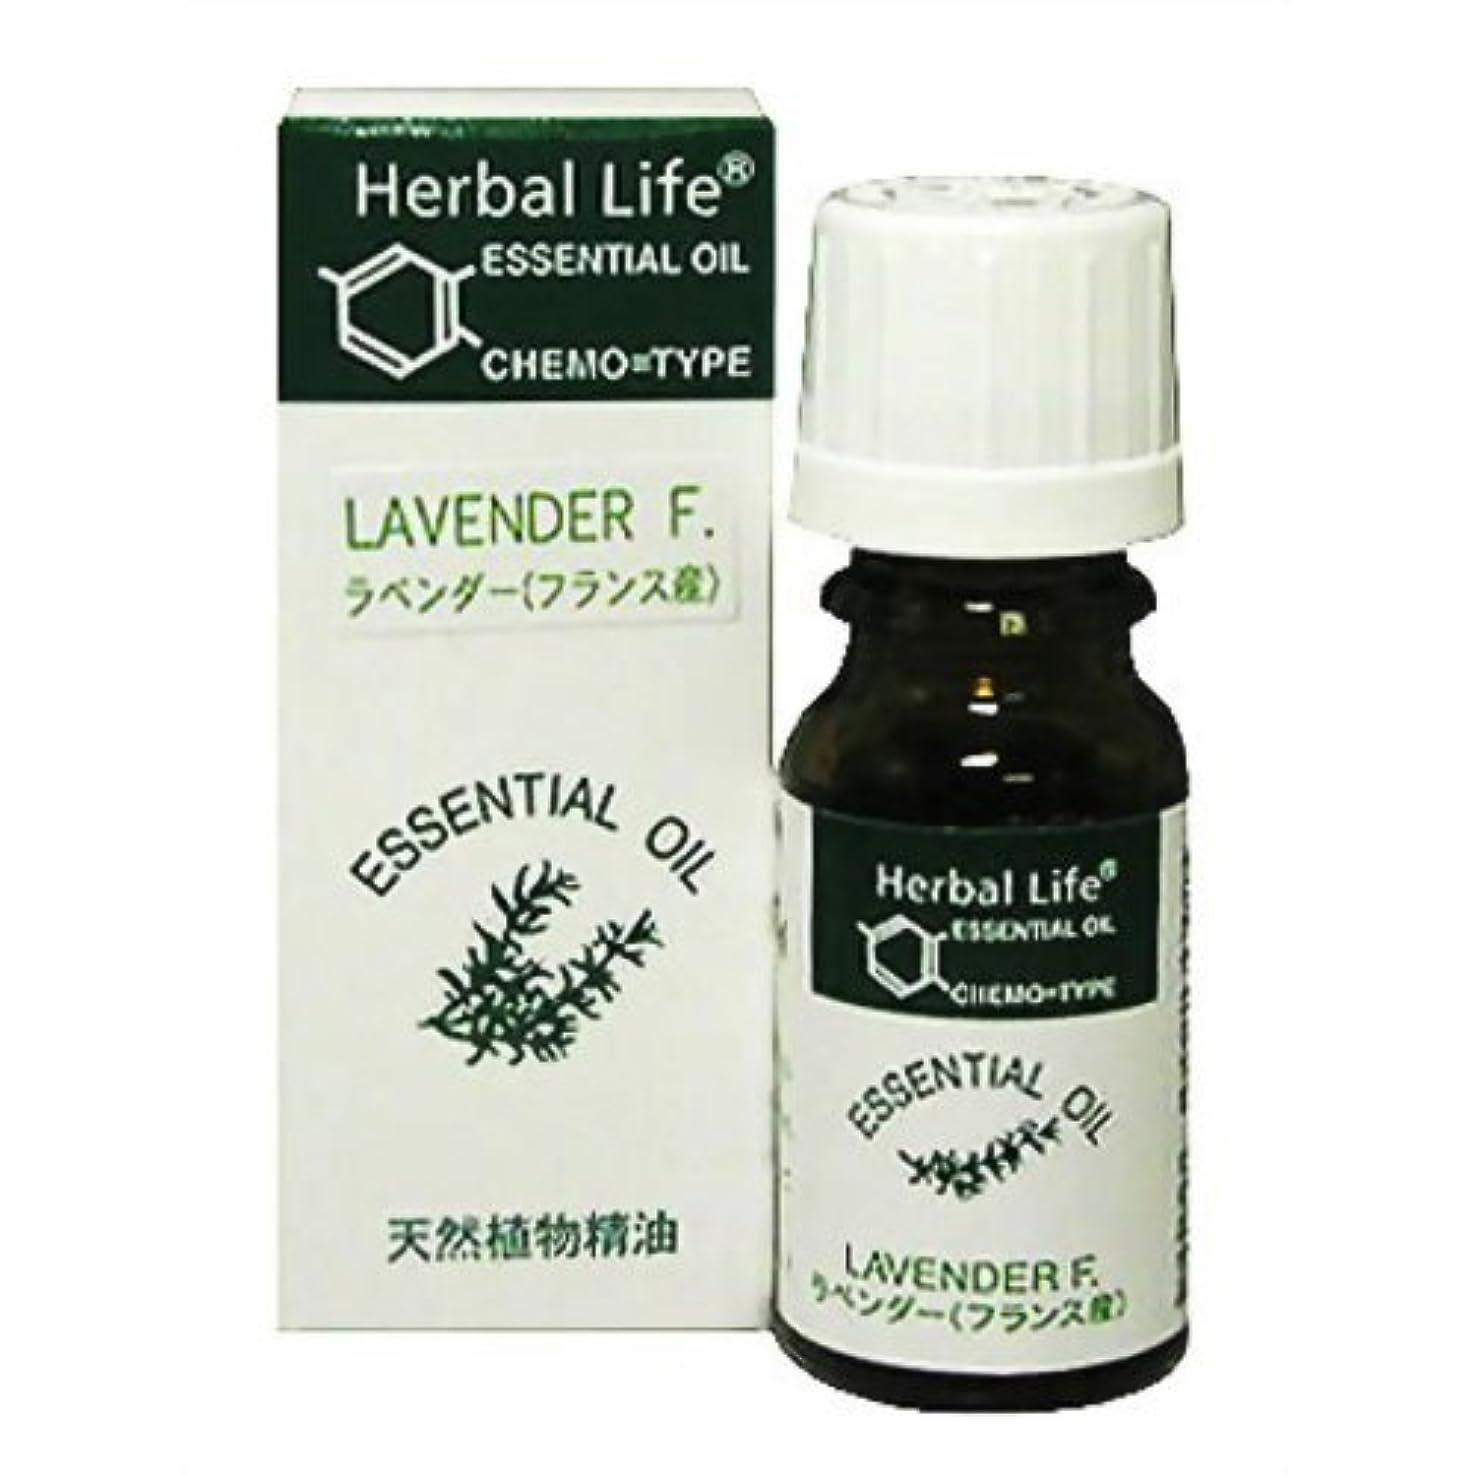 束献身アラビア語Herbal Life ラベンダー 10ml